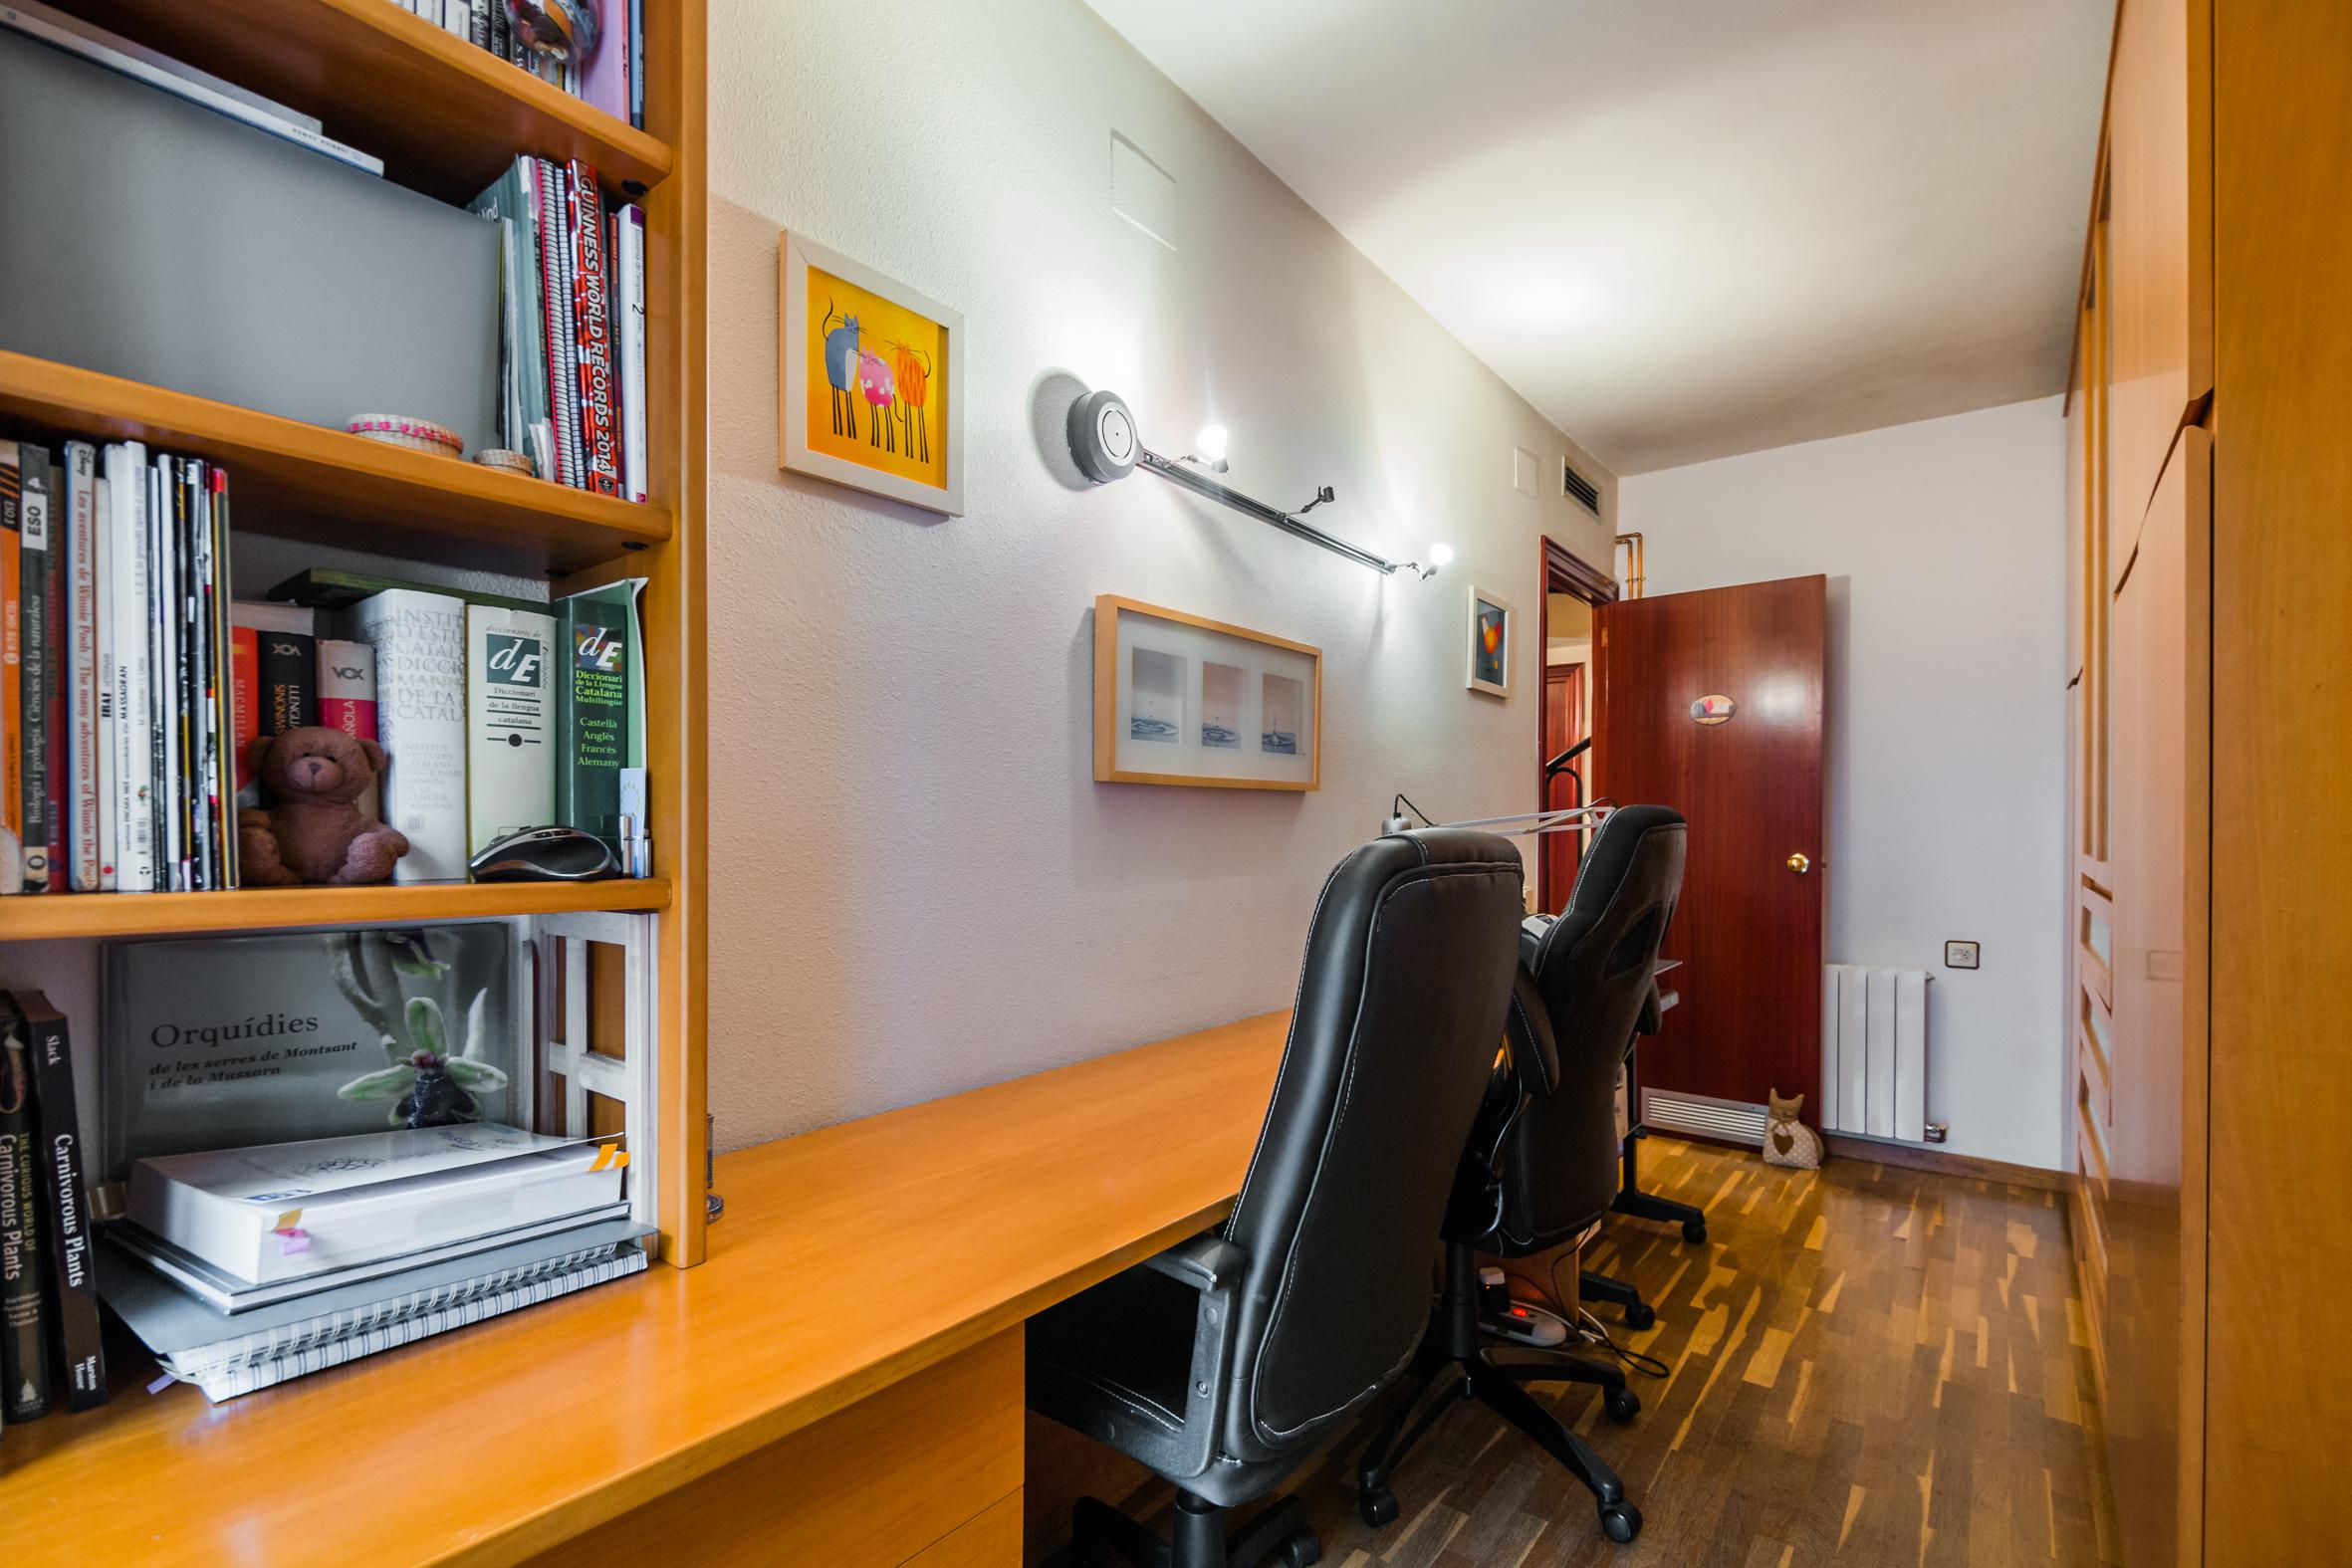 207314 Dúplex en venta en Gràcia, Vallcarca i els Penitents 24